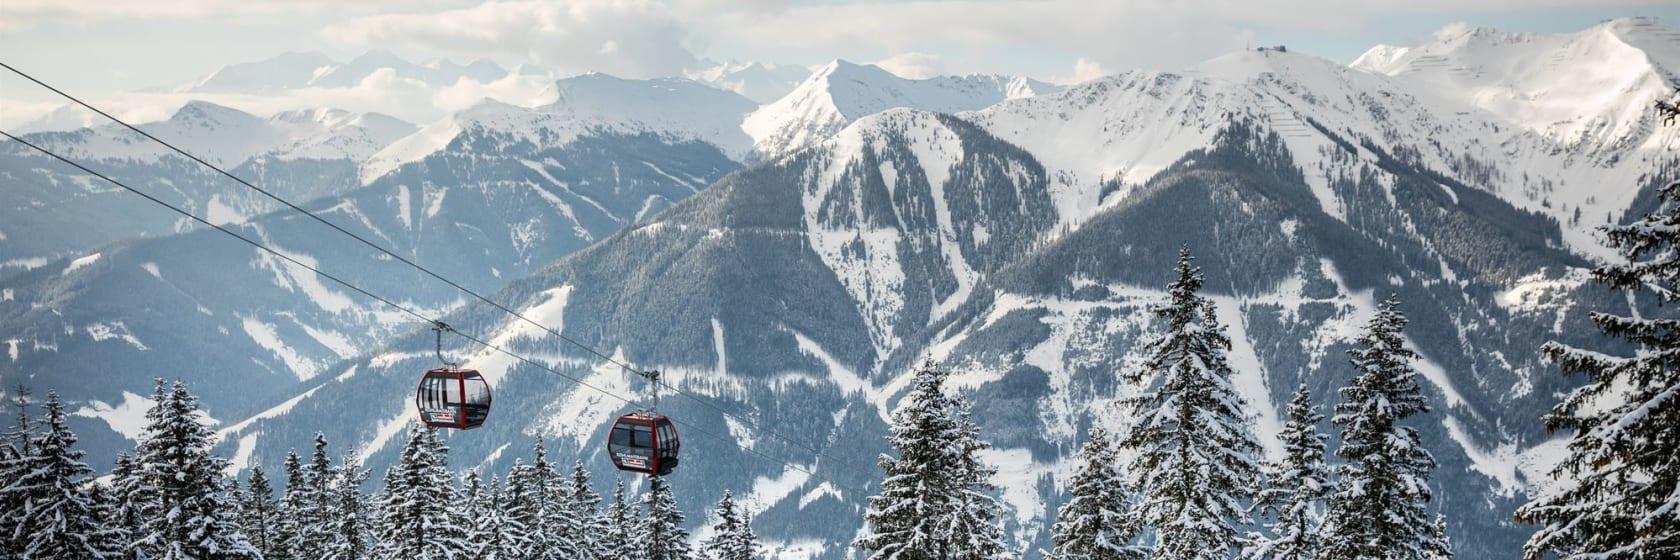 Skilift blandt sneklædte træer og bjerge i Saalbach